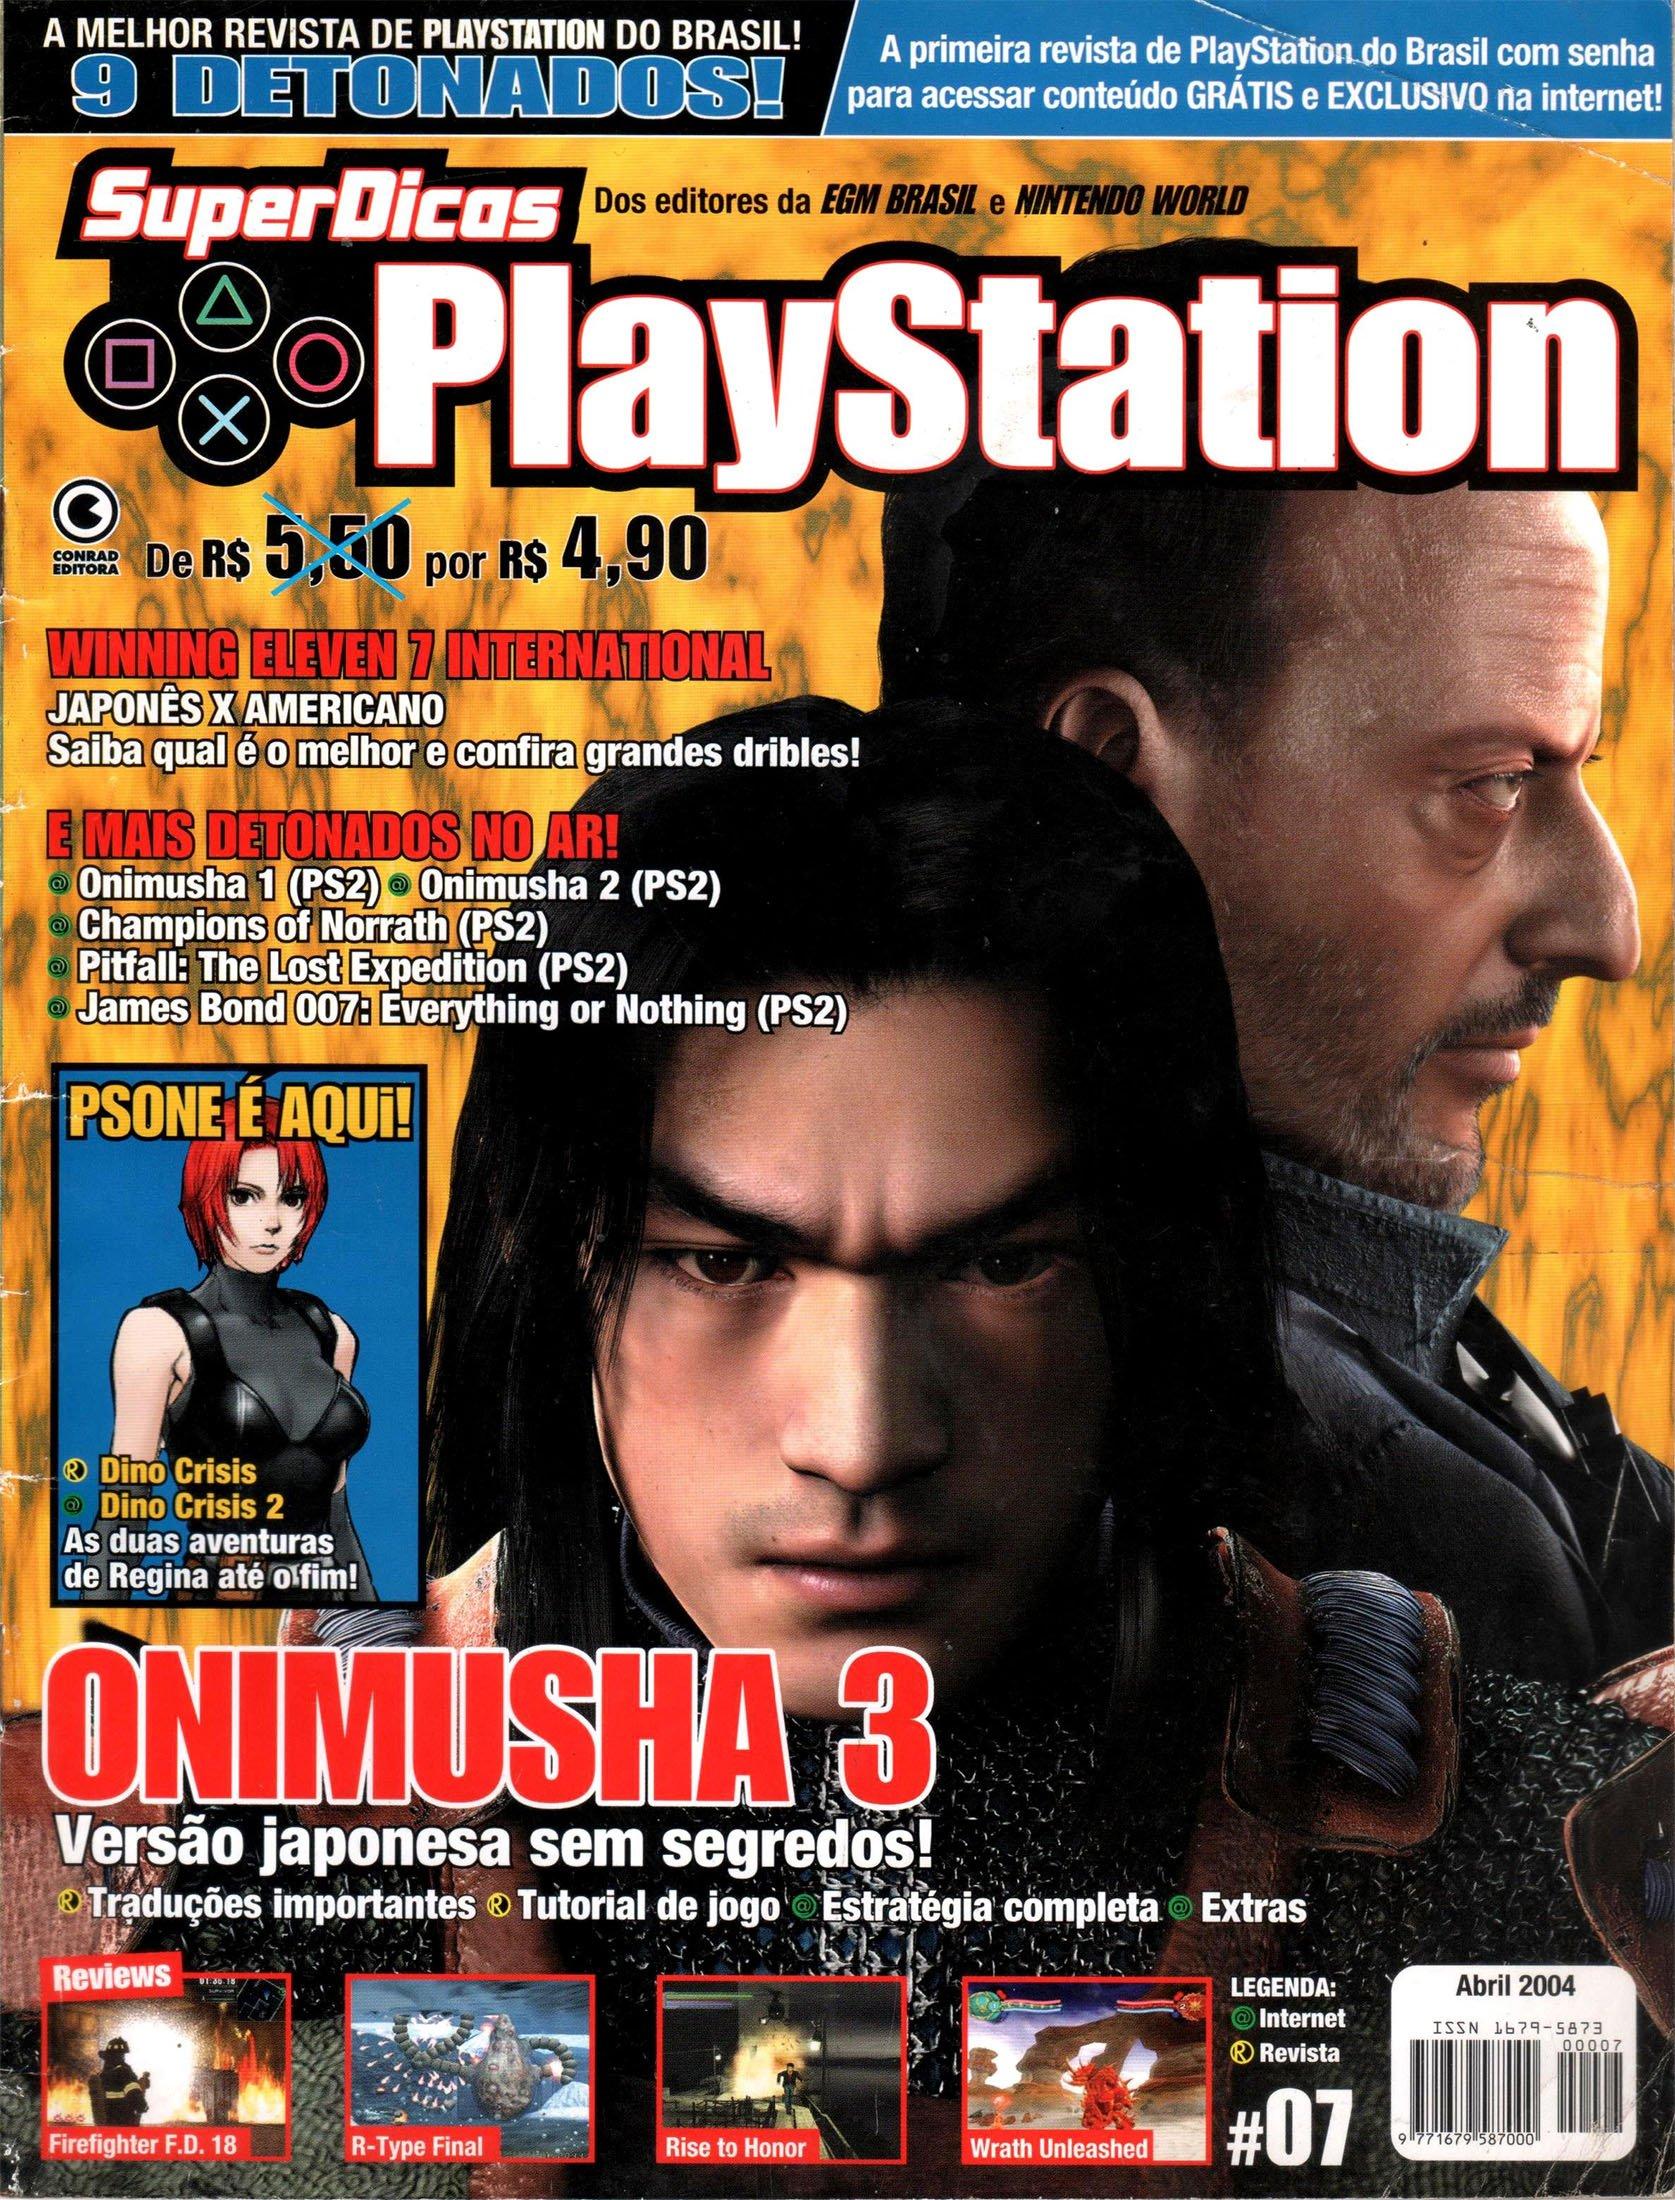 Super Dicas Playstation 07 (April 2004)